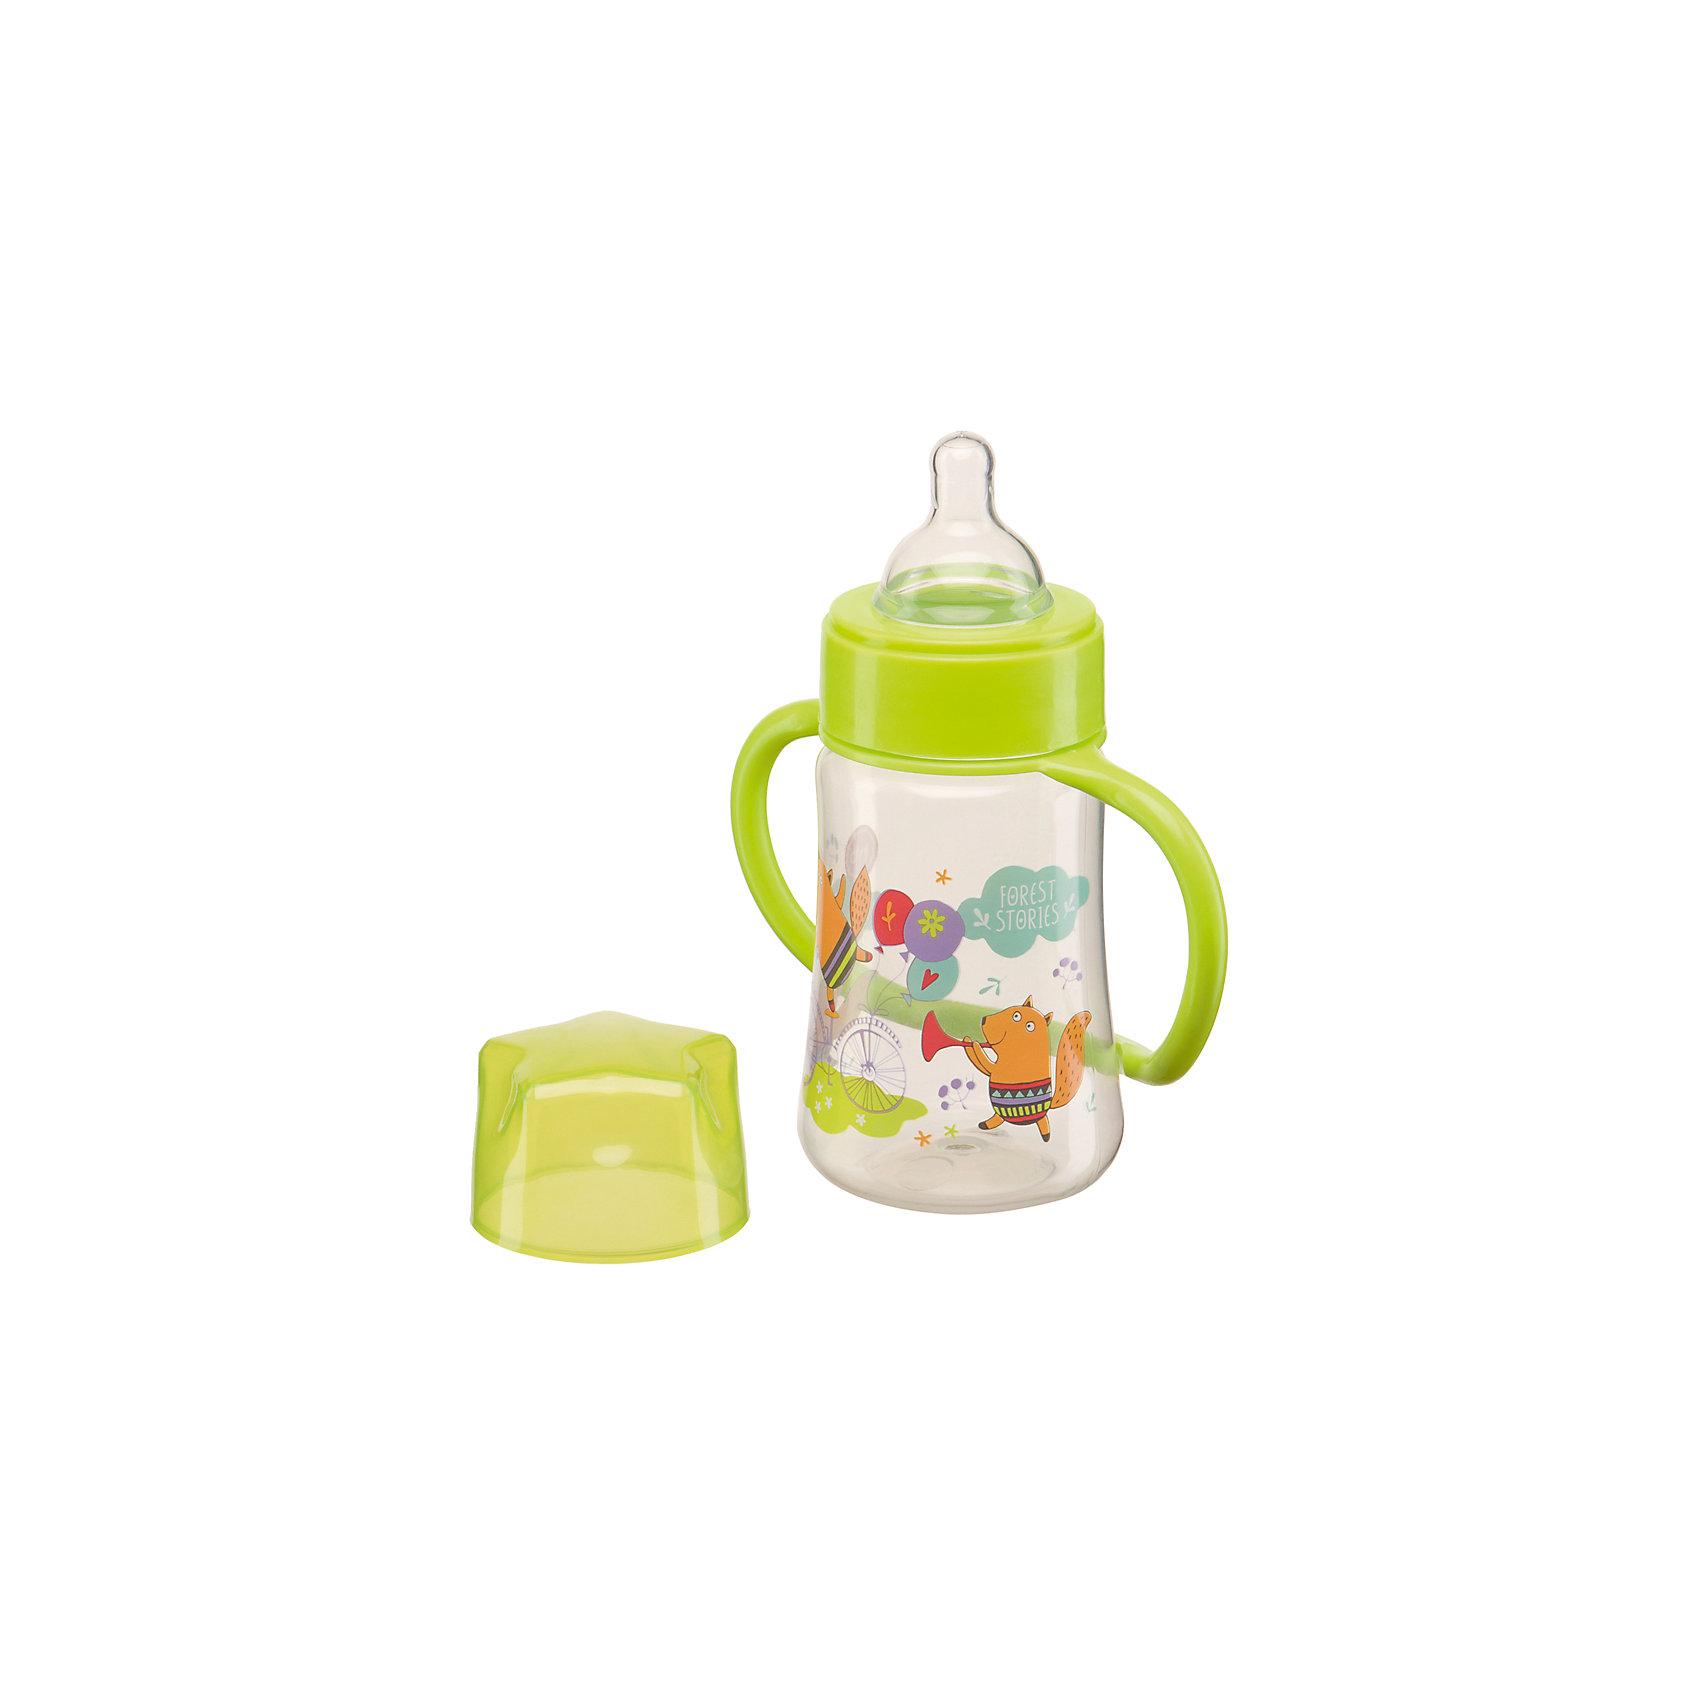 Бутылочка для кормления с ручками, 250 мл, Happy Baby, лаймБутылочка 250 мл,  Happy Baby лайм имеет классическую форму с ручками, благодаря им малыш научится самостоятельно пить из бутылочки и быстрее привыкнет к чашке. Сделана из прозрачного ударопрочного пластика, устойчивого к прогреванию. Широкое горлышко поильника позволяет легко заполнять его и чистить, а мерная шкала поильника позволяет контролировать количество жидкости, выпитой ребенком.<br><br>Дополнительная информация:<br><br>- эргономичные ручки<br>- герметичная крышка<br>- ручки легко снимаются<br>- шкала с делениями в 30 мл.<br>- медленный поток<br>- материал: полипропилен, силикон<br>- материал: соски: силикон<br>- объем бутылочки: 250 мл.<br><br>Бутылочку для кормления с ручками, 250 мл, Happy Baby, лайм  можно купить в нашем интернет-магазине.<br><br>Ширина мм: 75<br>Глубина мм: 135<br>Высота мм: 230<br>Вес г: 93<br>Возраст от месяцев: 0<br>Возраст до месяцев: 12<br>Пол: Унисекс<br>Возраст: Детский<br>SKU: 4696784